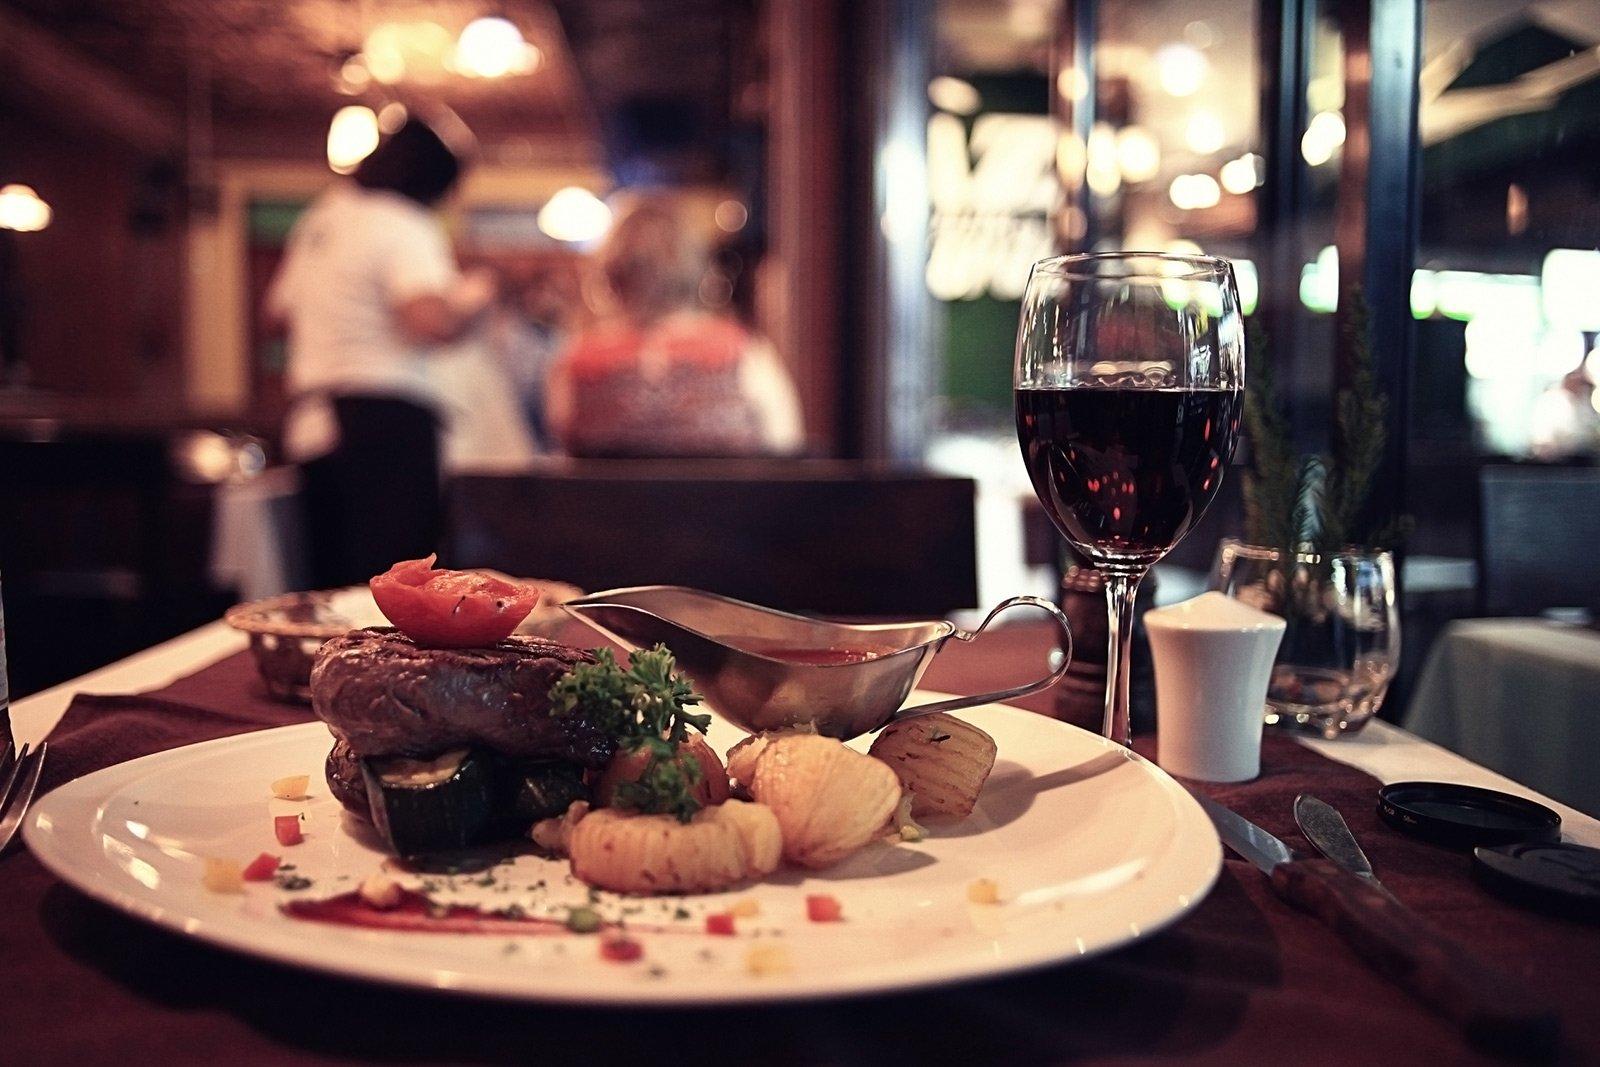 piatto di carne con bicchiere di vino rosso